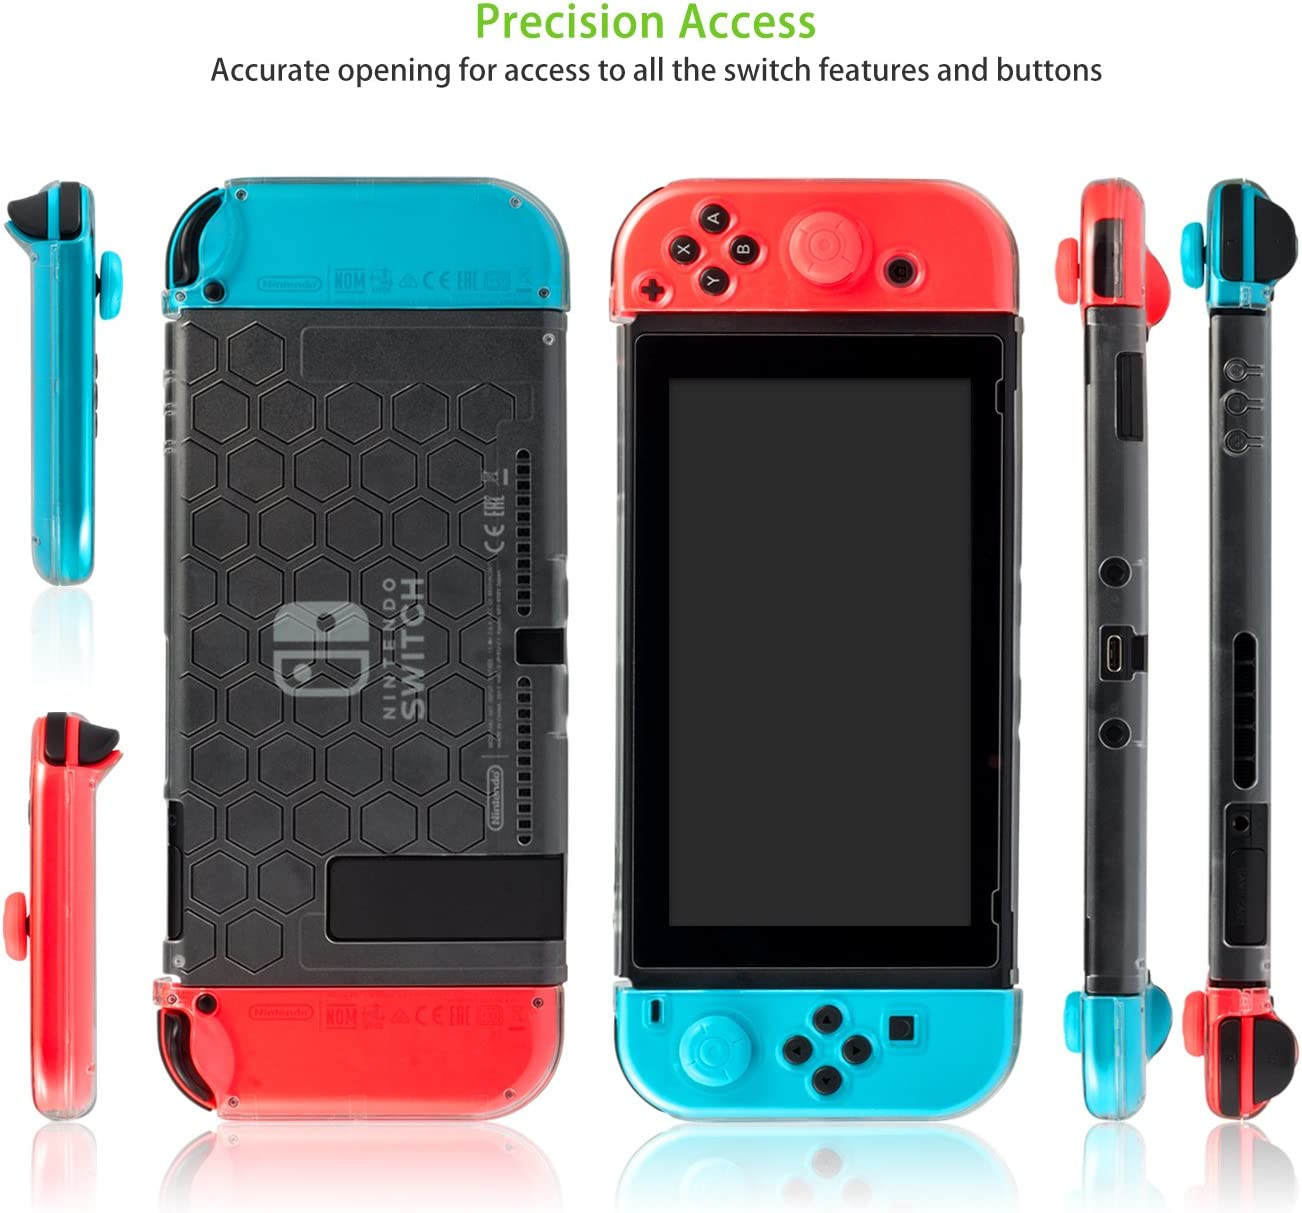 Funda para Nintendo Switch - Younik funda protectiva compatible con el dock resistente a rayones y ultra delgada con 6 tapas de pulgar con agarre para la consola Nintendo Switch y el